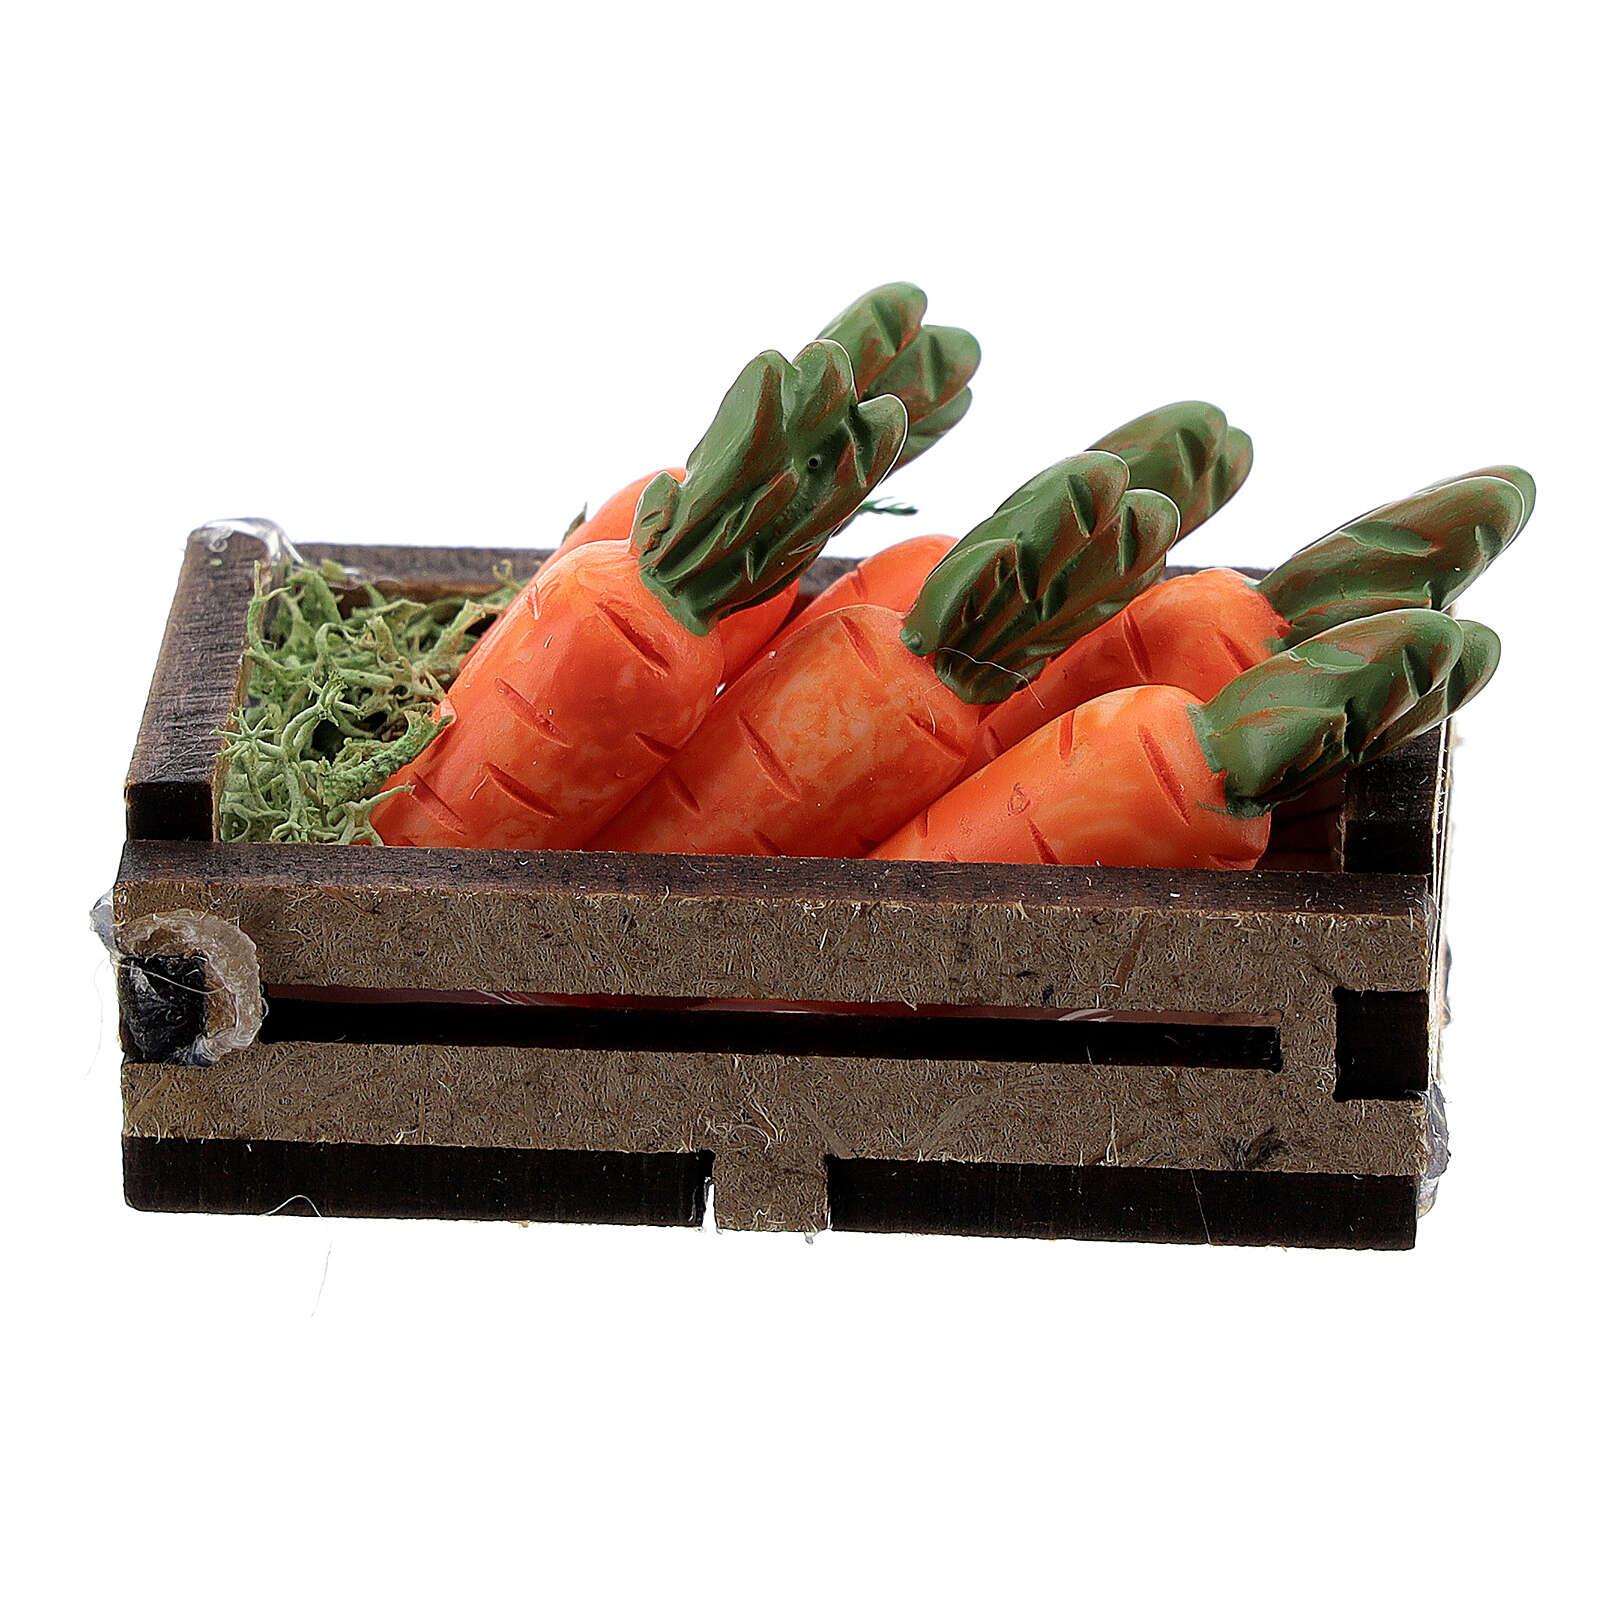 Carrots in box Nativity scene 12-14 cm 4